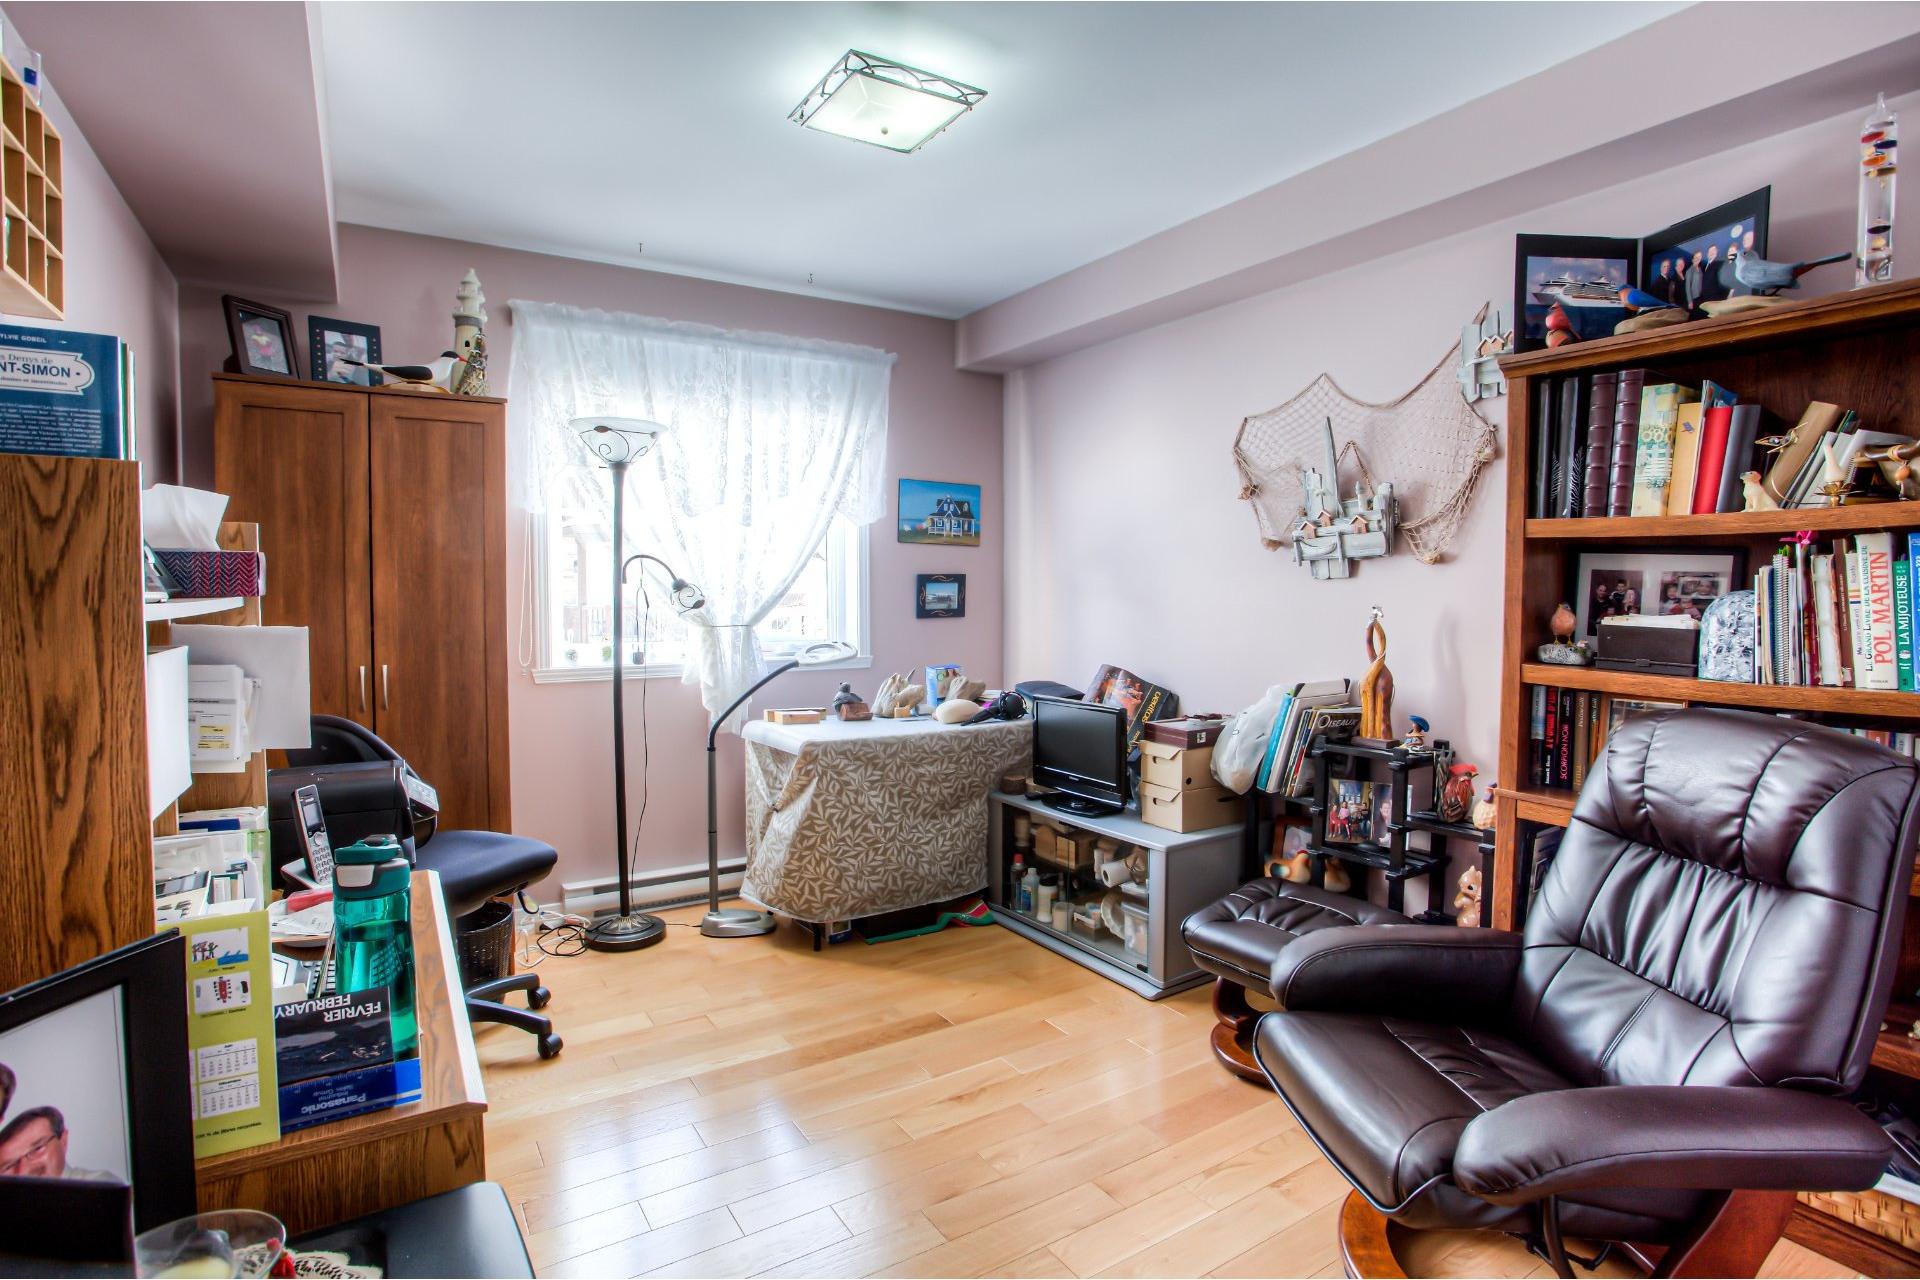 image 16 - Appartement À vendre Vaudreuil-Dorion - 7 pièces